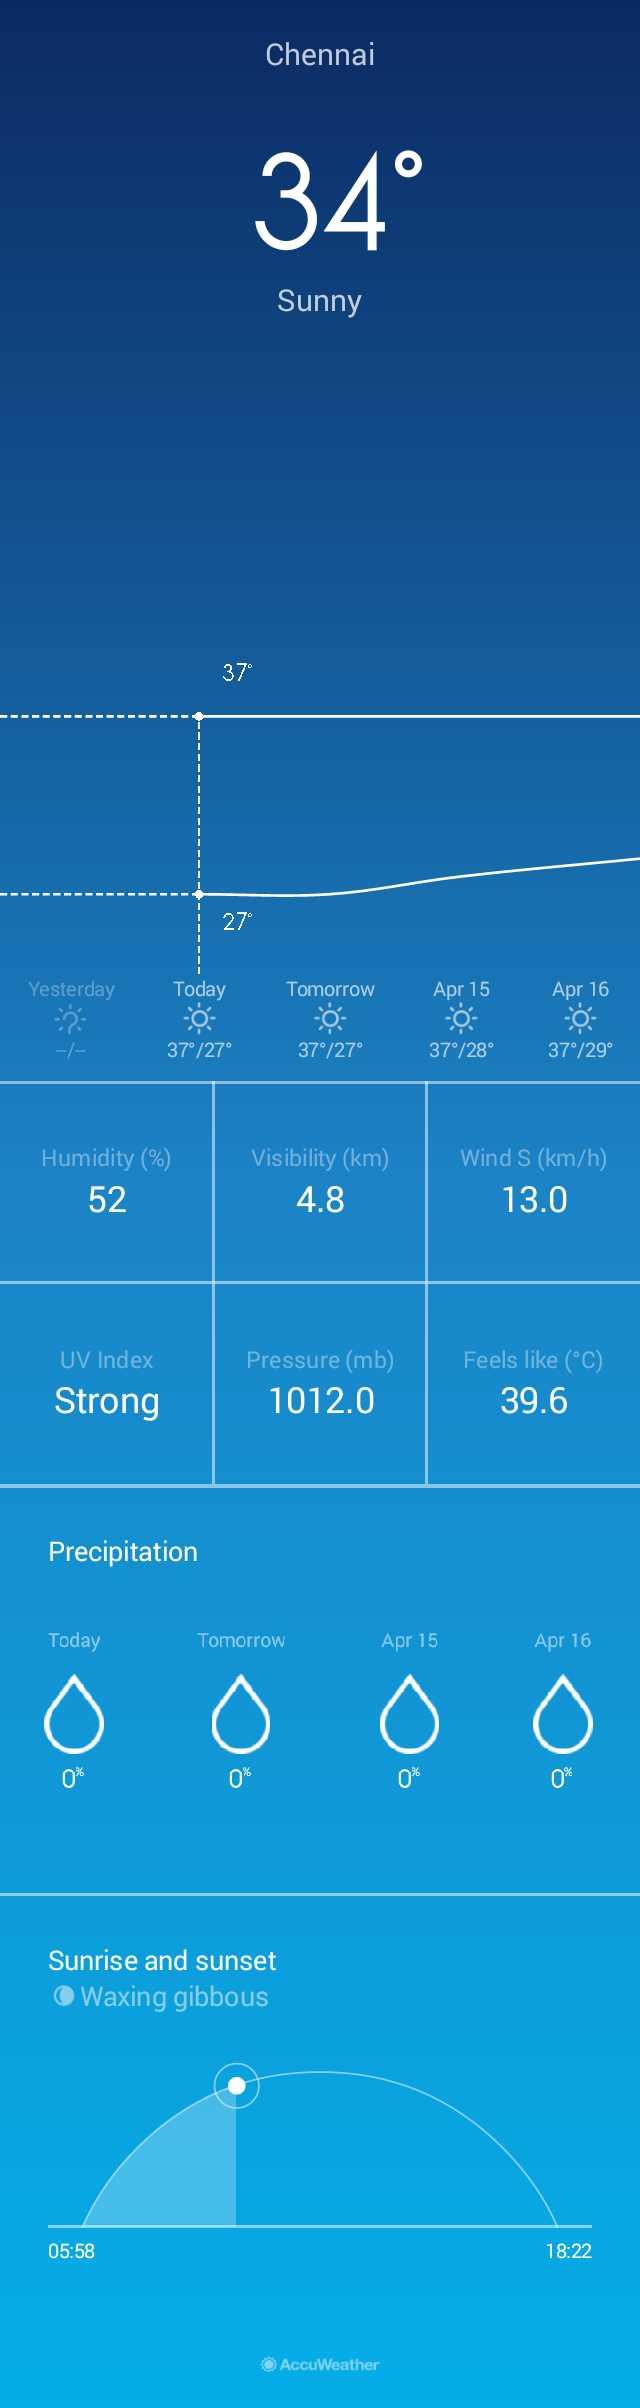 👨💼- 👨🎤 கிராமம் - நகரம் - Chennai 34° Sunny 37° 27° Yesterday Today Tomorrow Apr 15 Apr 16 - / - 37° / 27° 37° / 27° 37° / 28° 37° / 29° Humidity ( % ) 52 Visibility ( km ) 4 . 8 Wind S ( km / h ) 13 . 0 UV Index Pressure ( mb ) 1012 . 0 Feels like ( °C ) 39 . 6 Strong Precipitation Today Tomorrow Apr 15 Apr 16 0 % Sunrise and sunset O Waxing gibbous 05 : 58 18 : 22 O AccuWeather - ShareChat